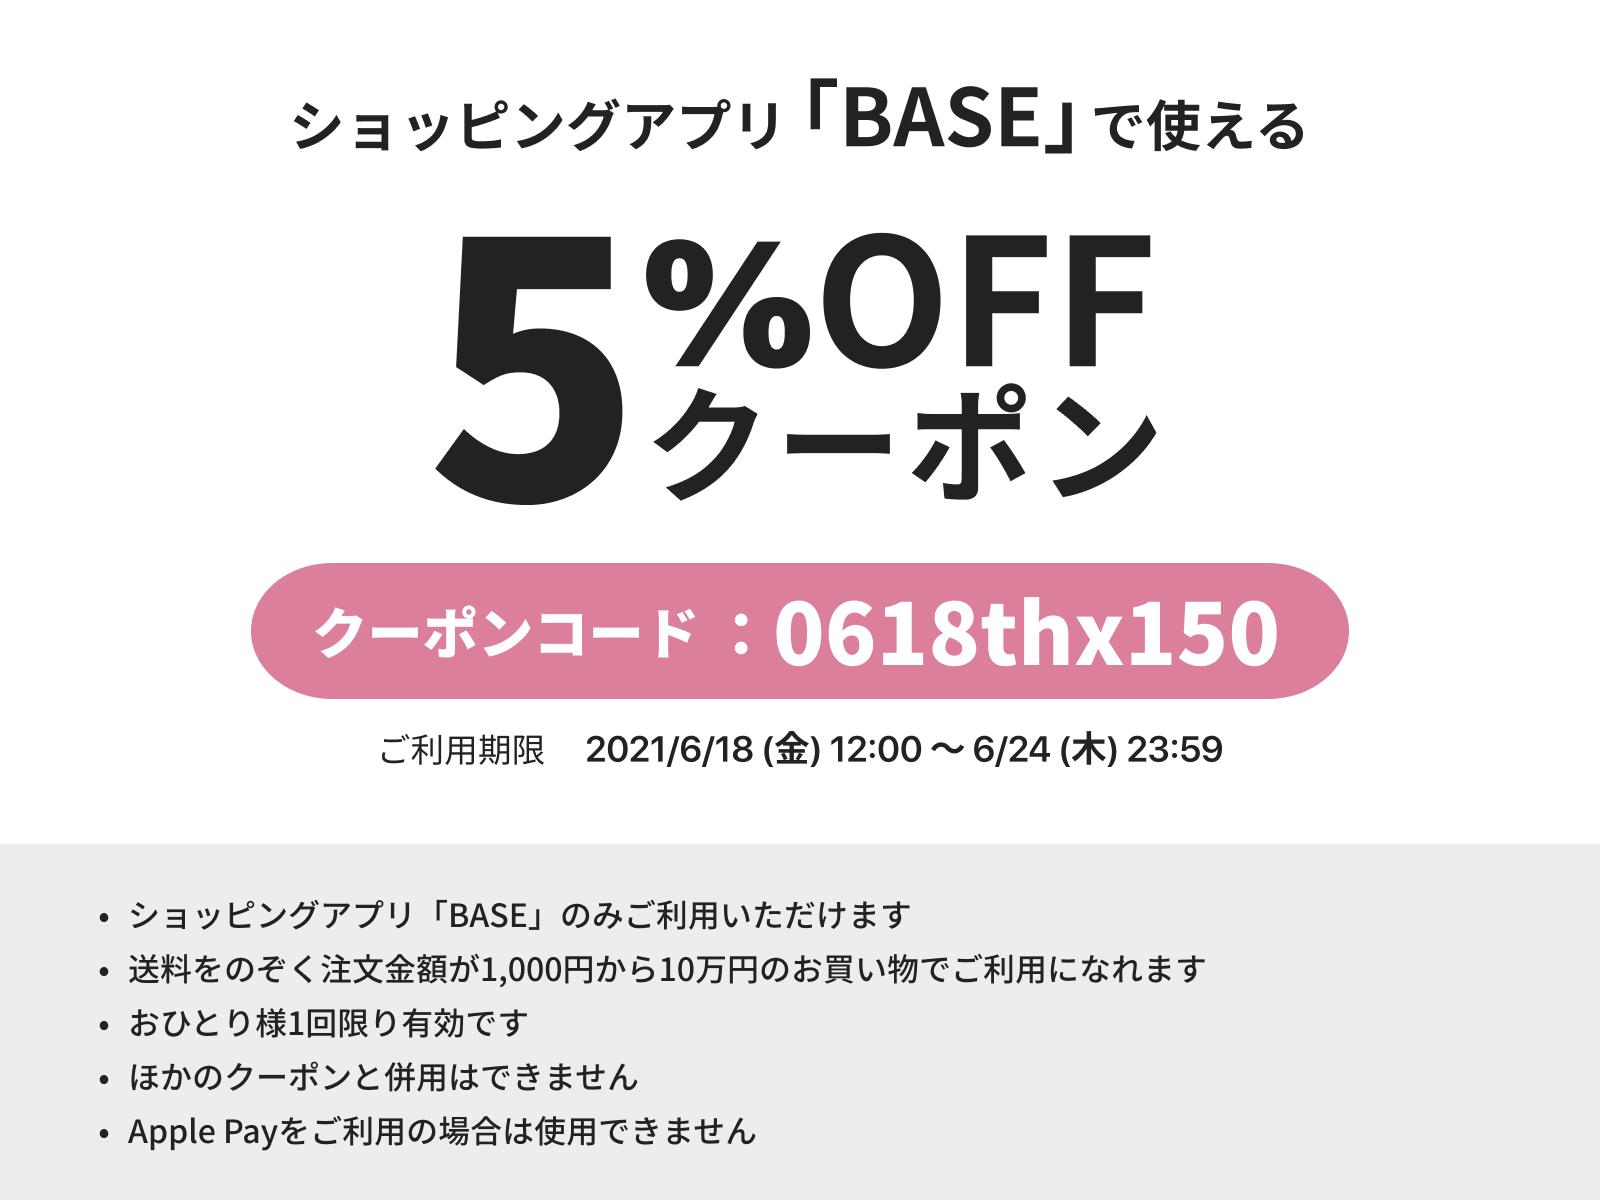 本日よりショッピングアプリ「BASE」で使える!5%offクーポンです♪